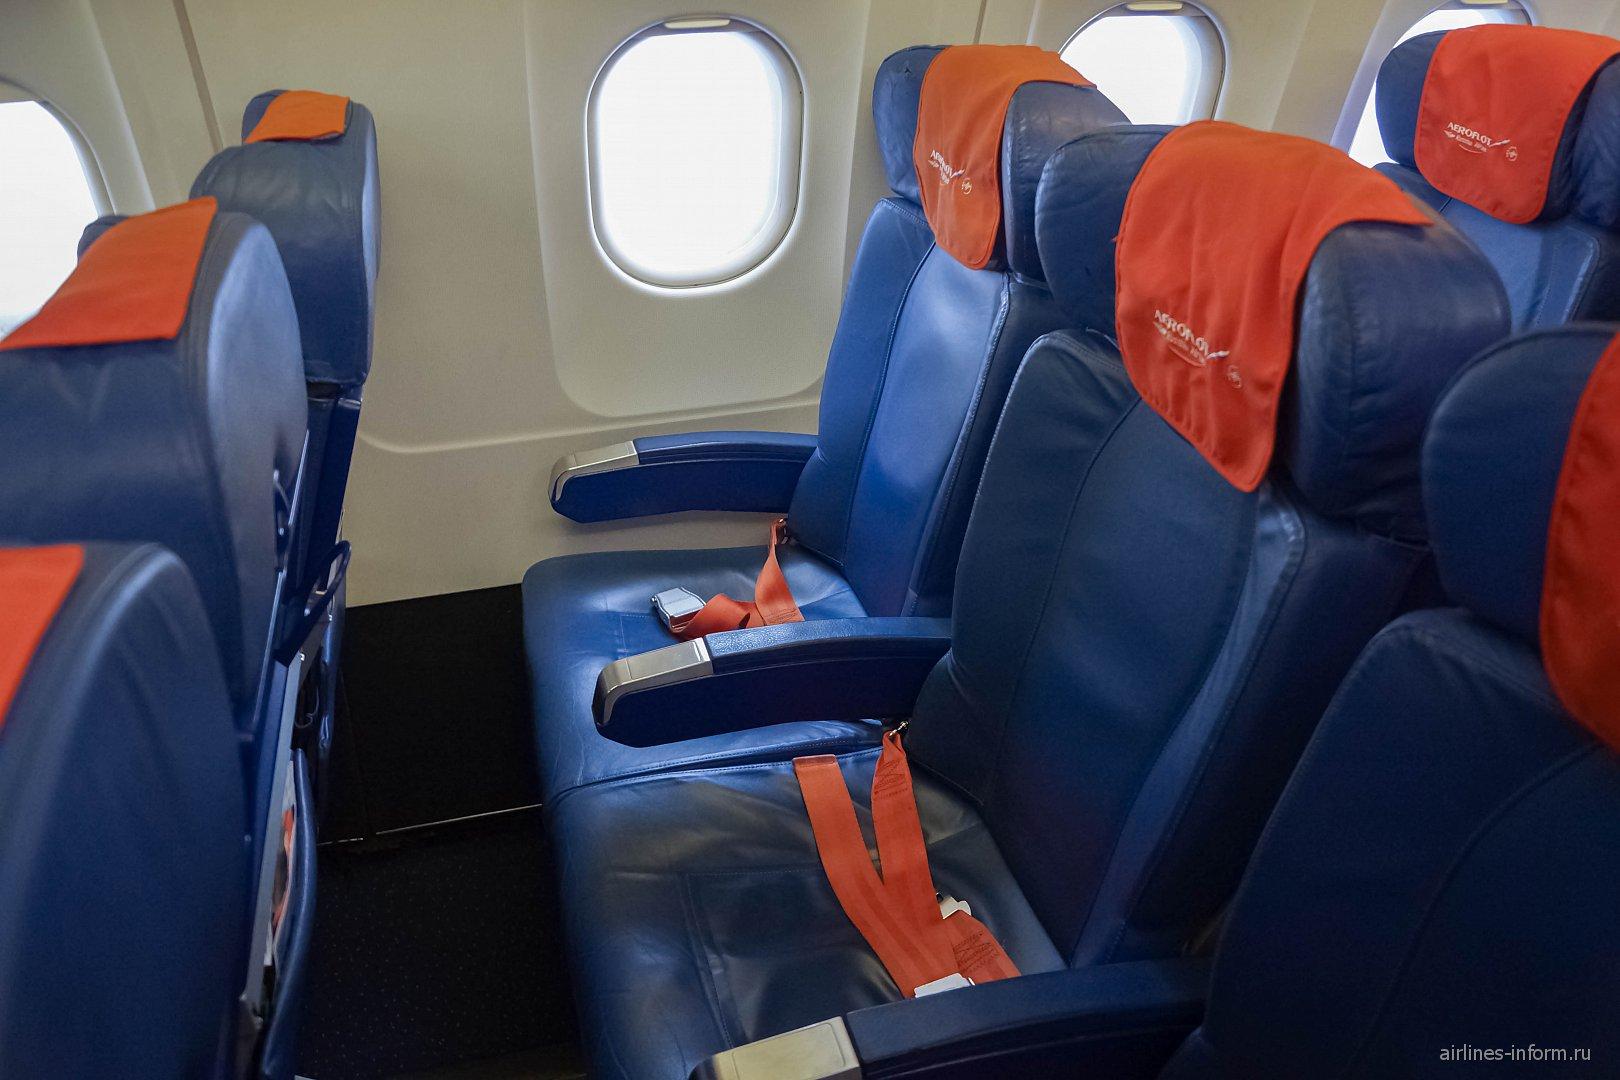 Кресла эконом-класса в самолете Аэрофлота Airbus A321 VP-BWP